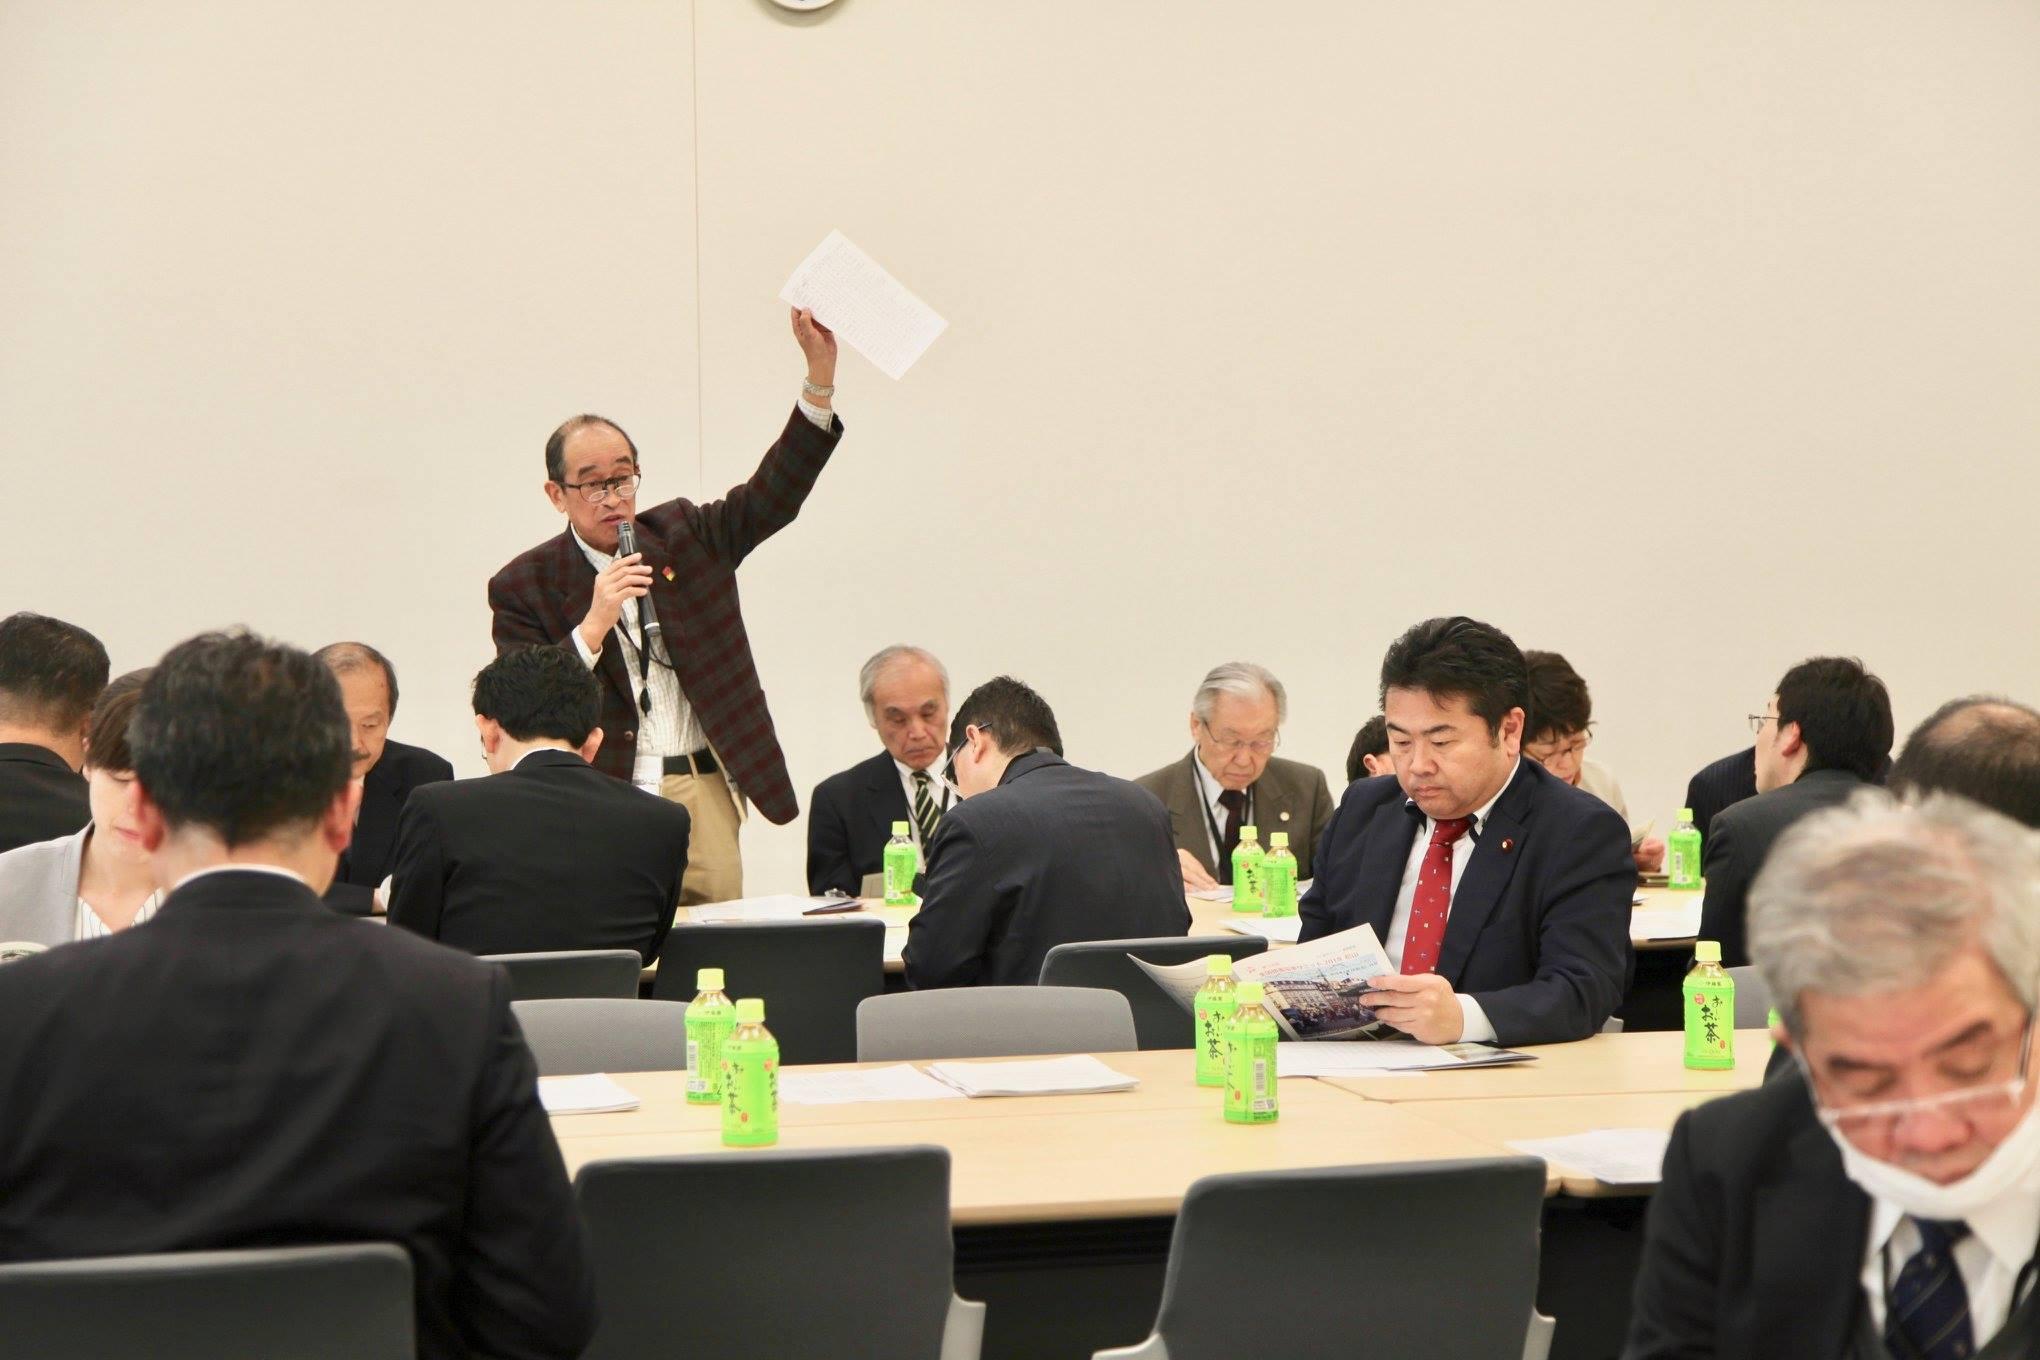 新交通システム推進議員連盟(LRT推進議員連盟)総会に出席しました